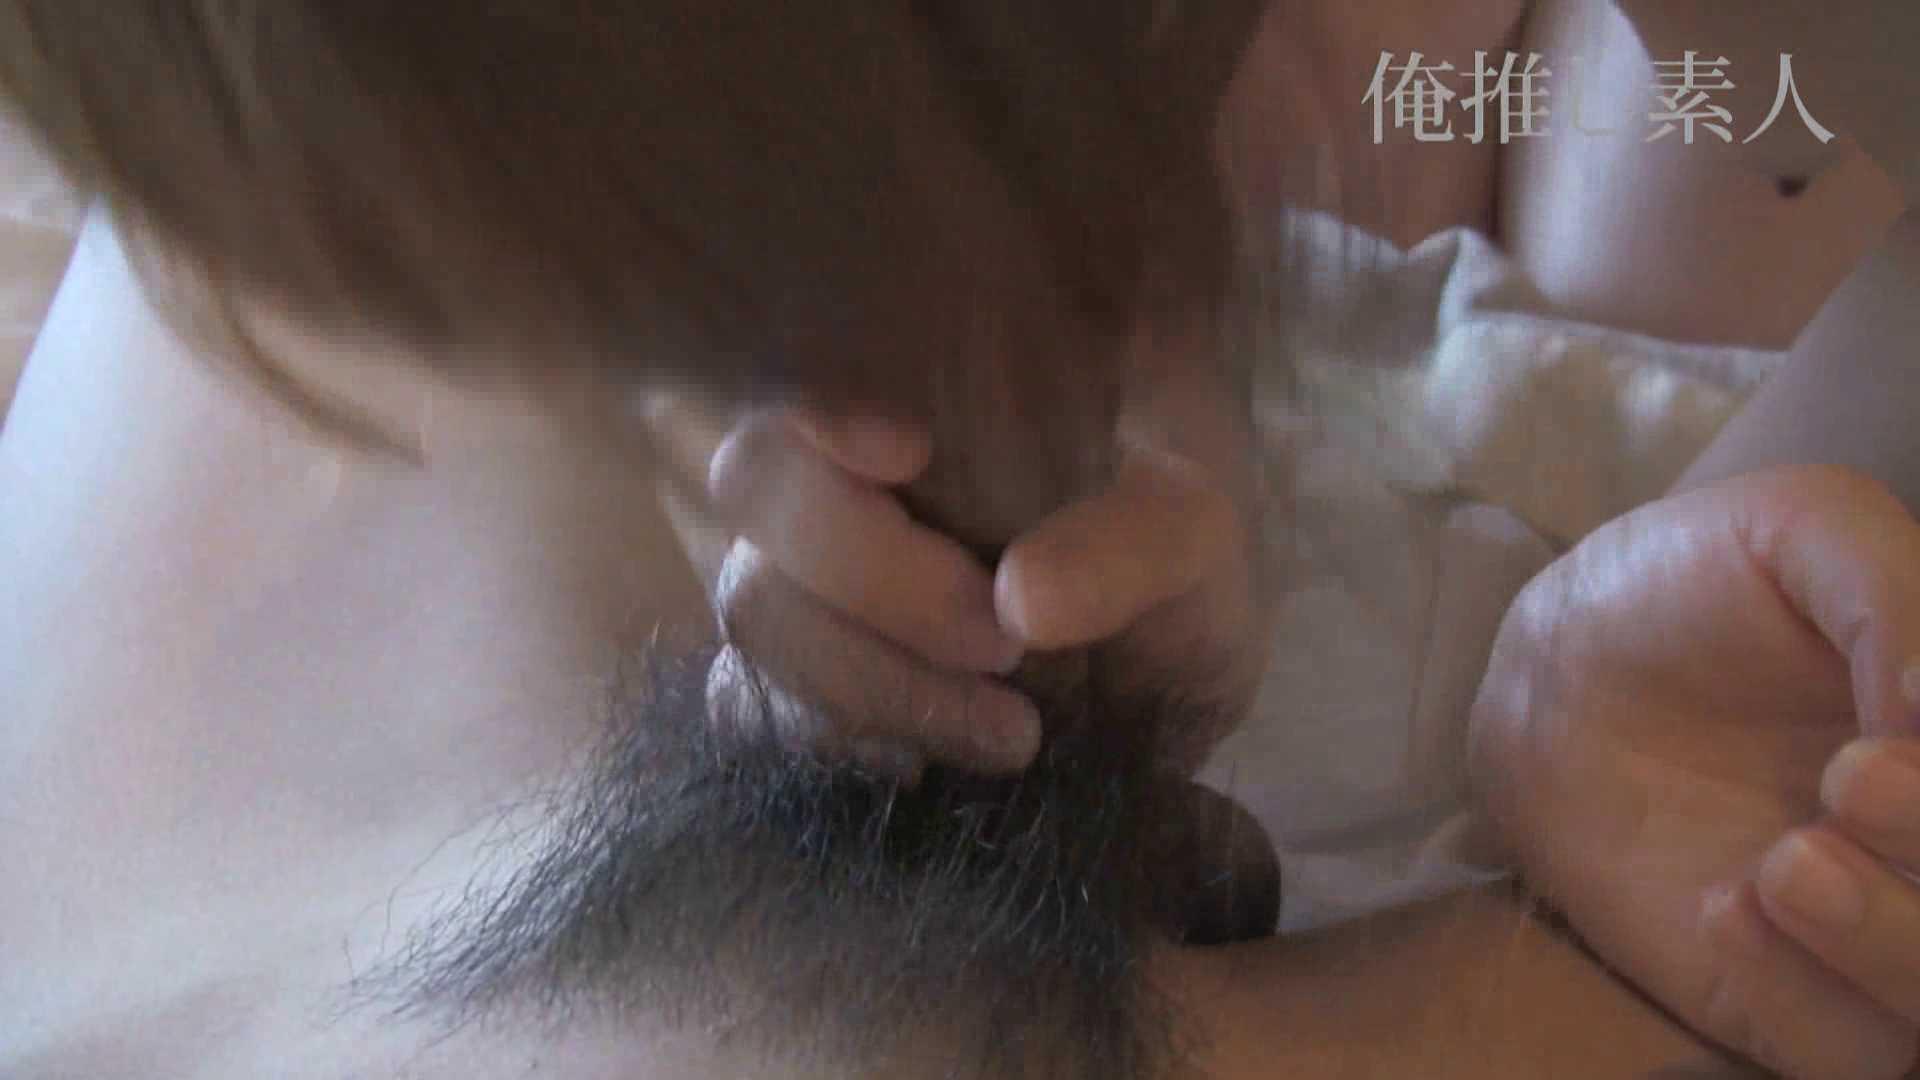 俺推し素人 キャバクラ嬢26歳久美vol5 OL  76pic 72